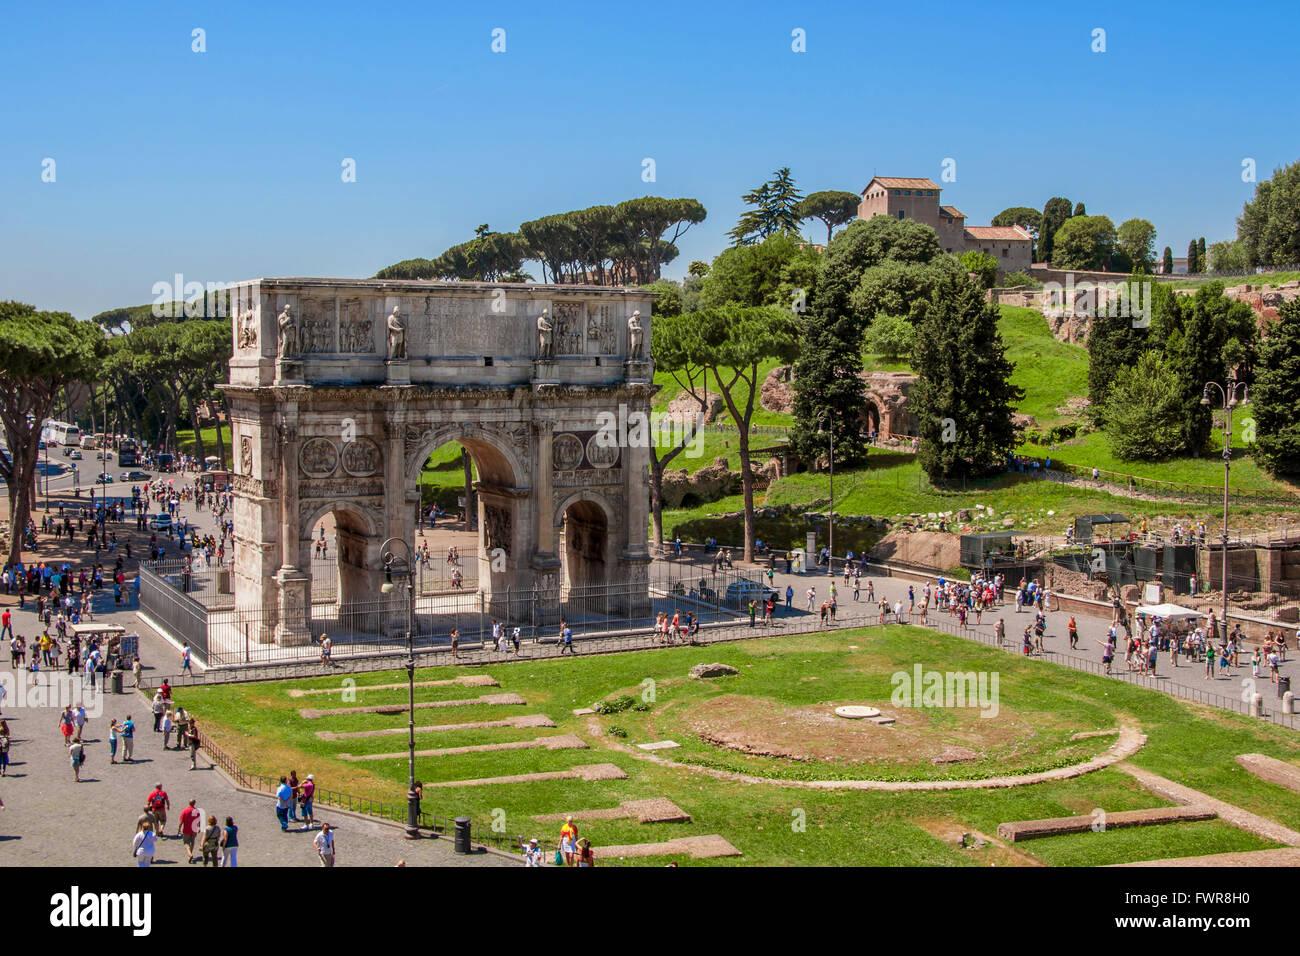 L'arco trionfale di Costantino a Roma Immagini Stock